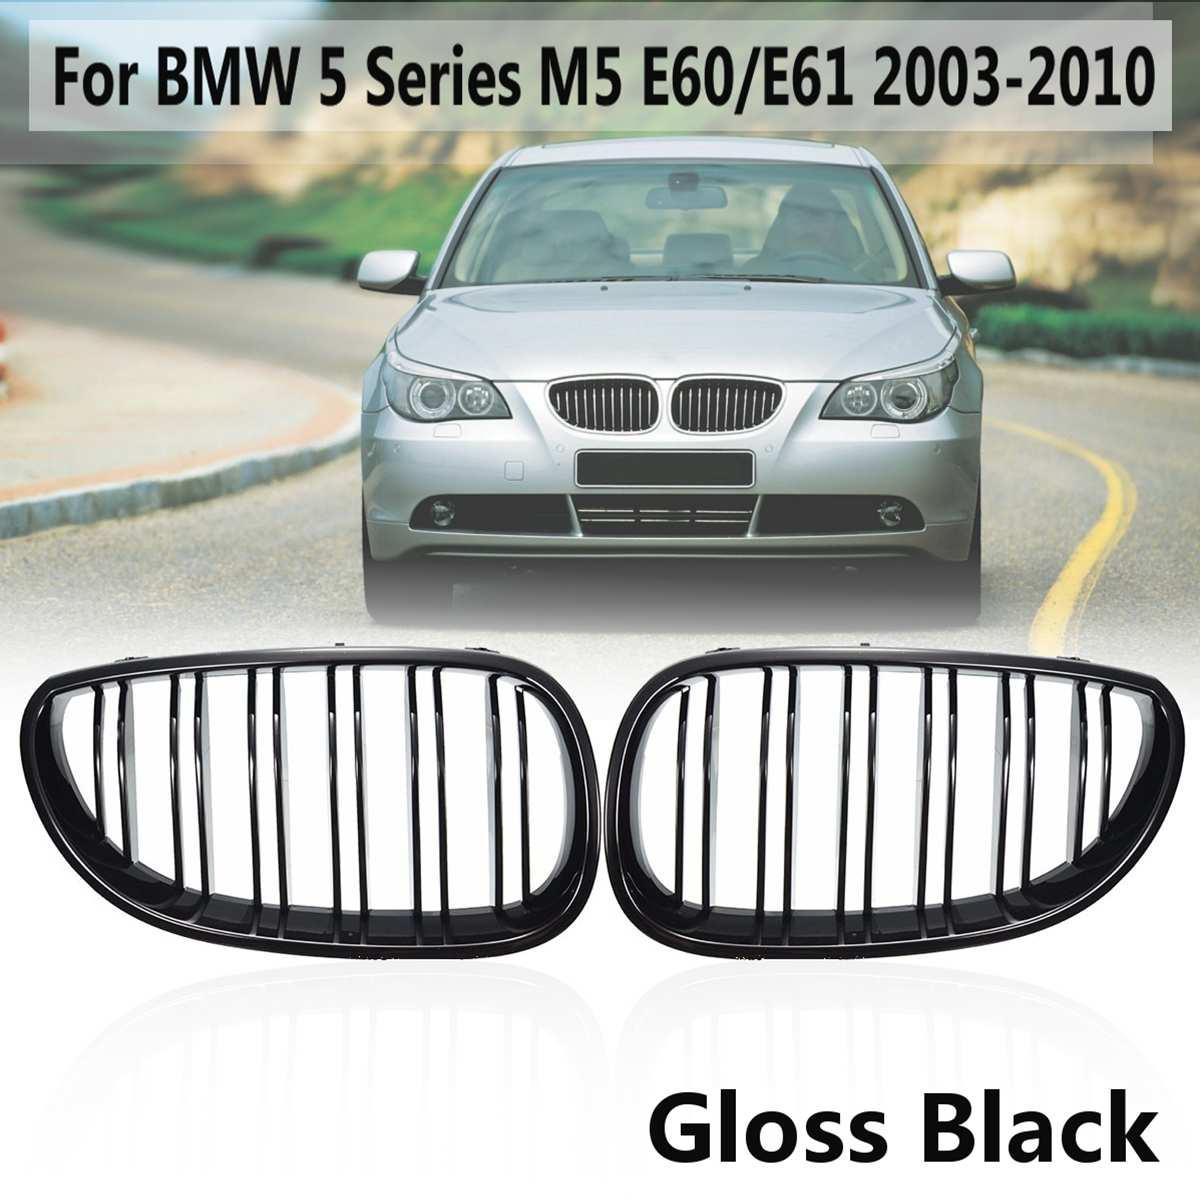 รถด้านหน้ากีฬาย่างตะแกรงย่างสำหรับ BMW 5 Series M5 E60/E61 2003 2004 2005 2006 2007 2008 2009 2010 GLOSS Black